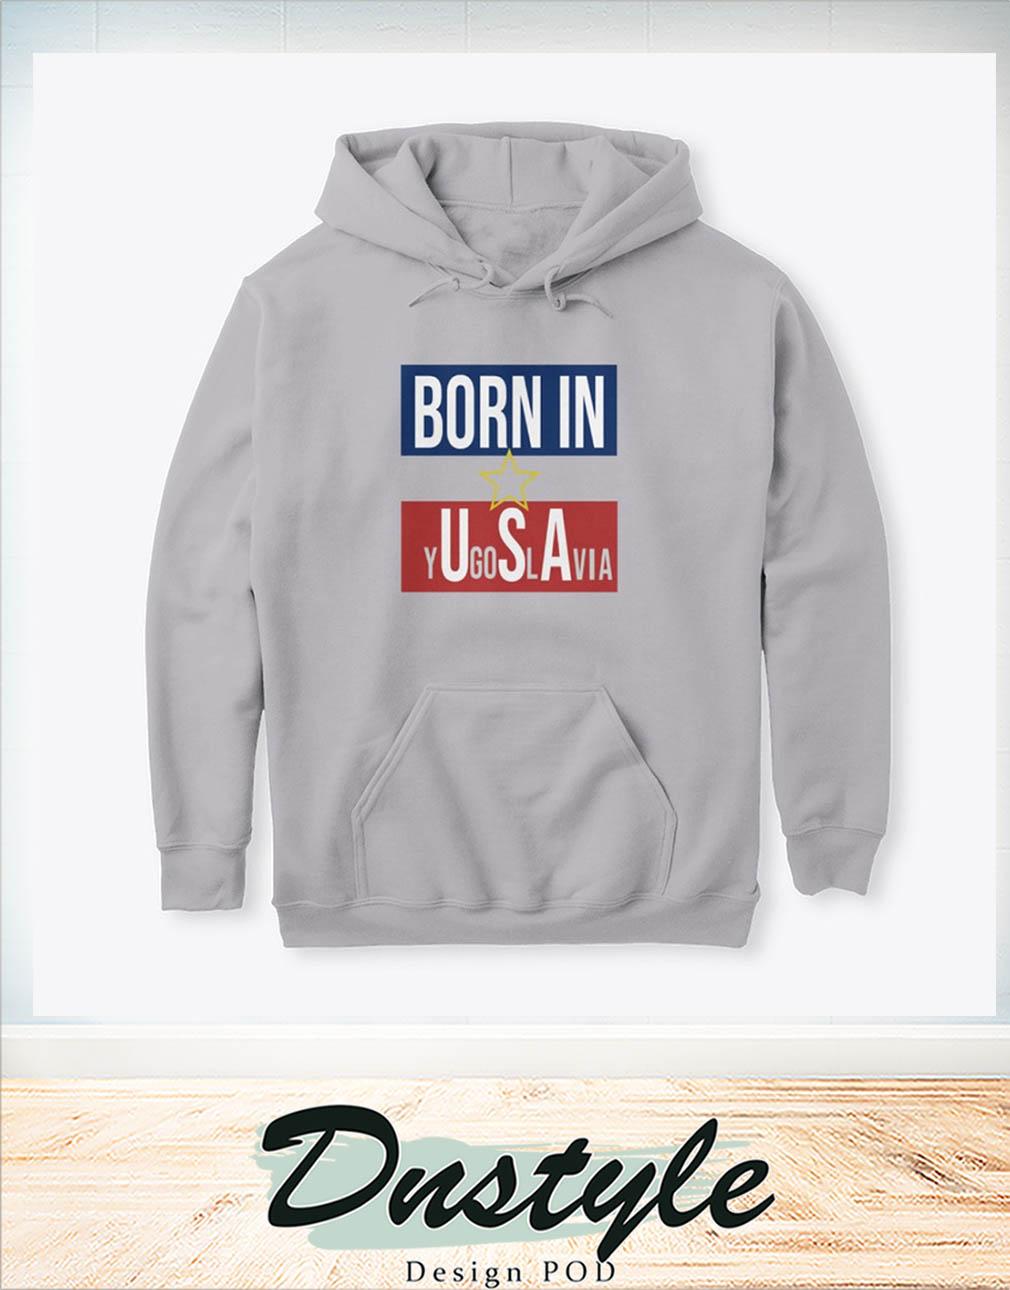 Born in YU-GI-OH-SLAVIA hoodie